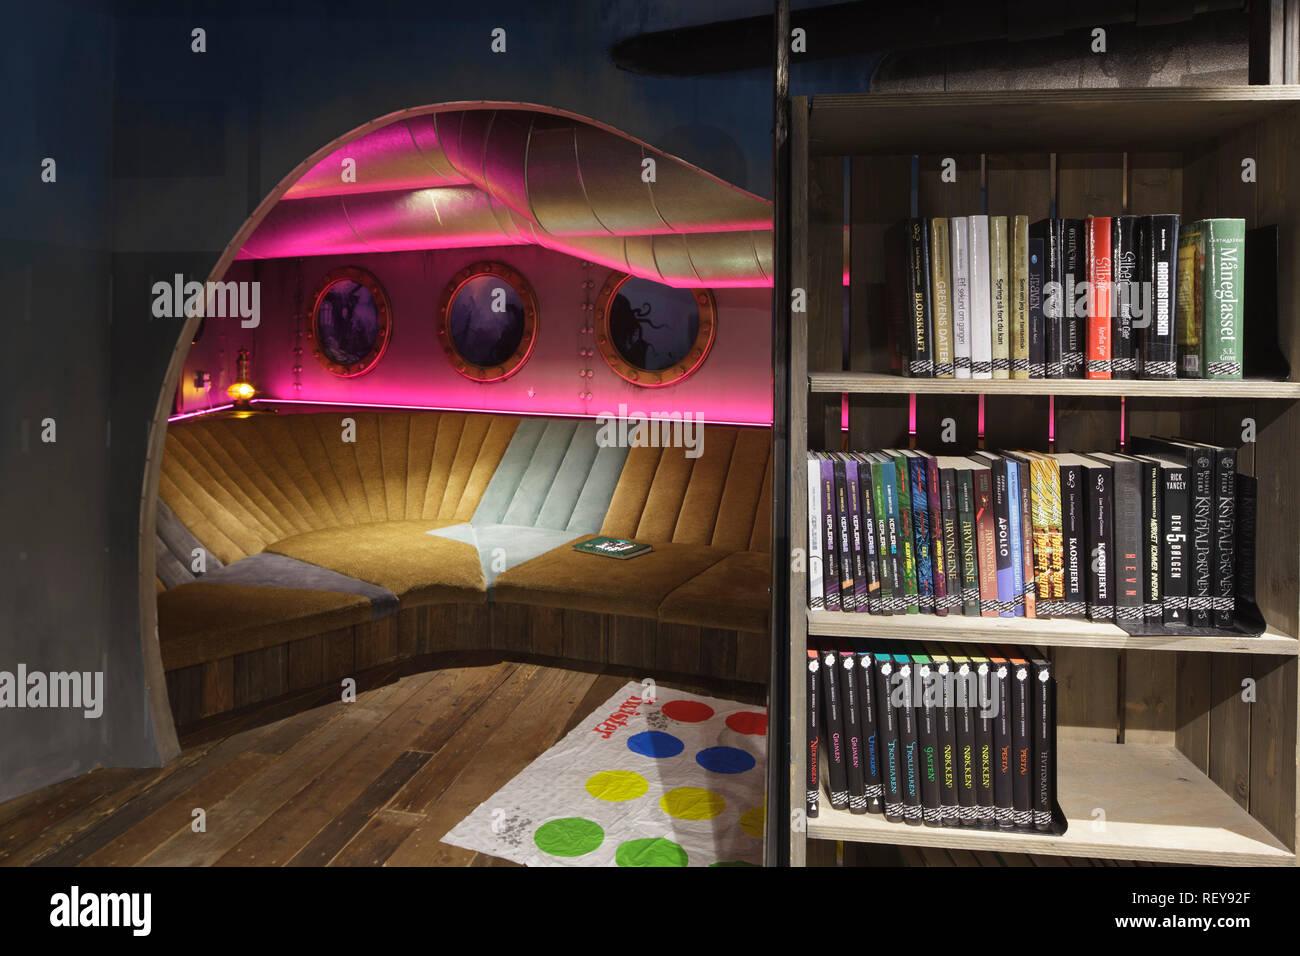 Submarino-themed asientos, con sobrecarga portillas y rosa iluminación y estantería a la derecha. Biblo Deichman Toyen biblioteca infantil, Oslo, Noruega Imagen De Stock